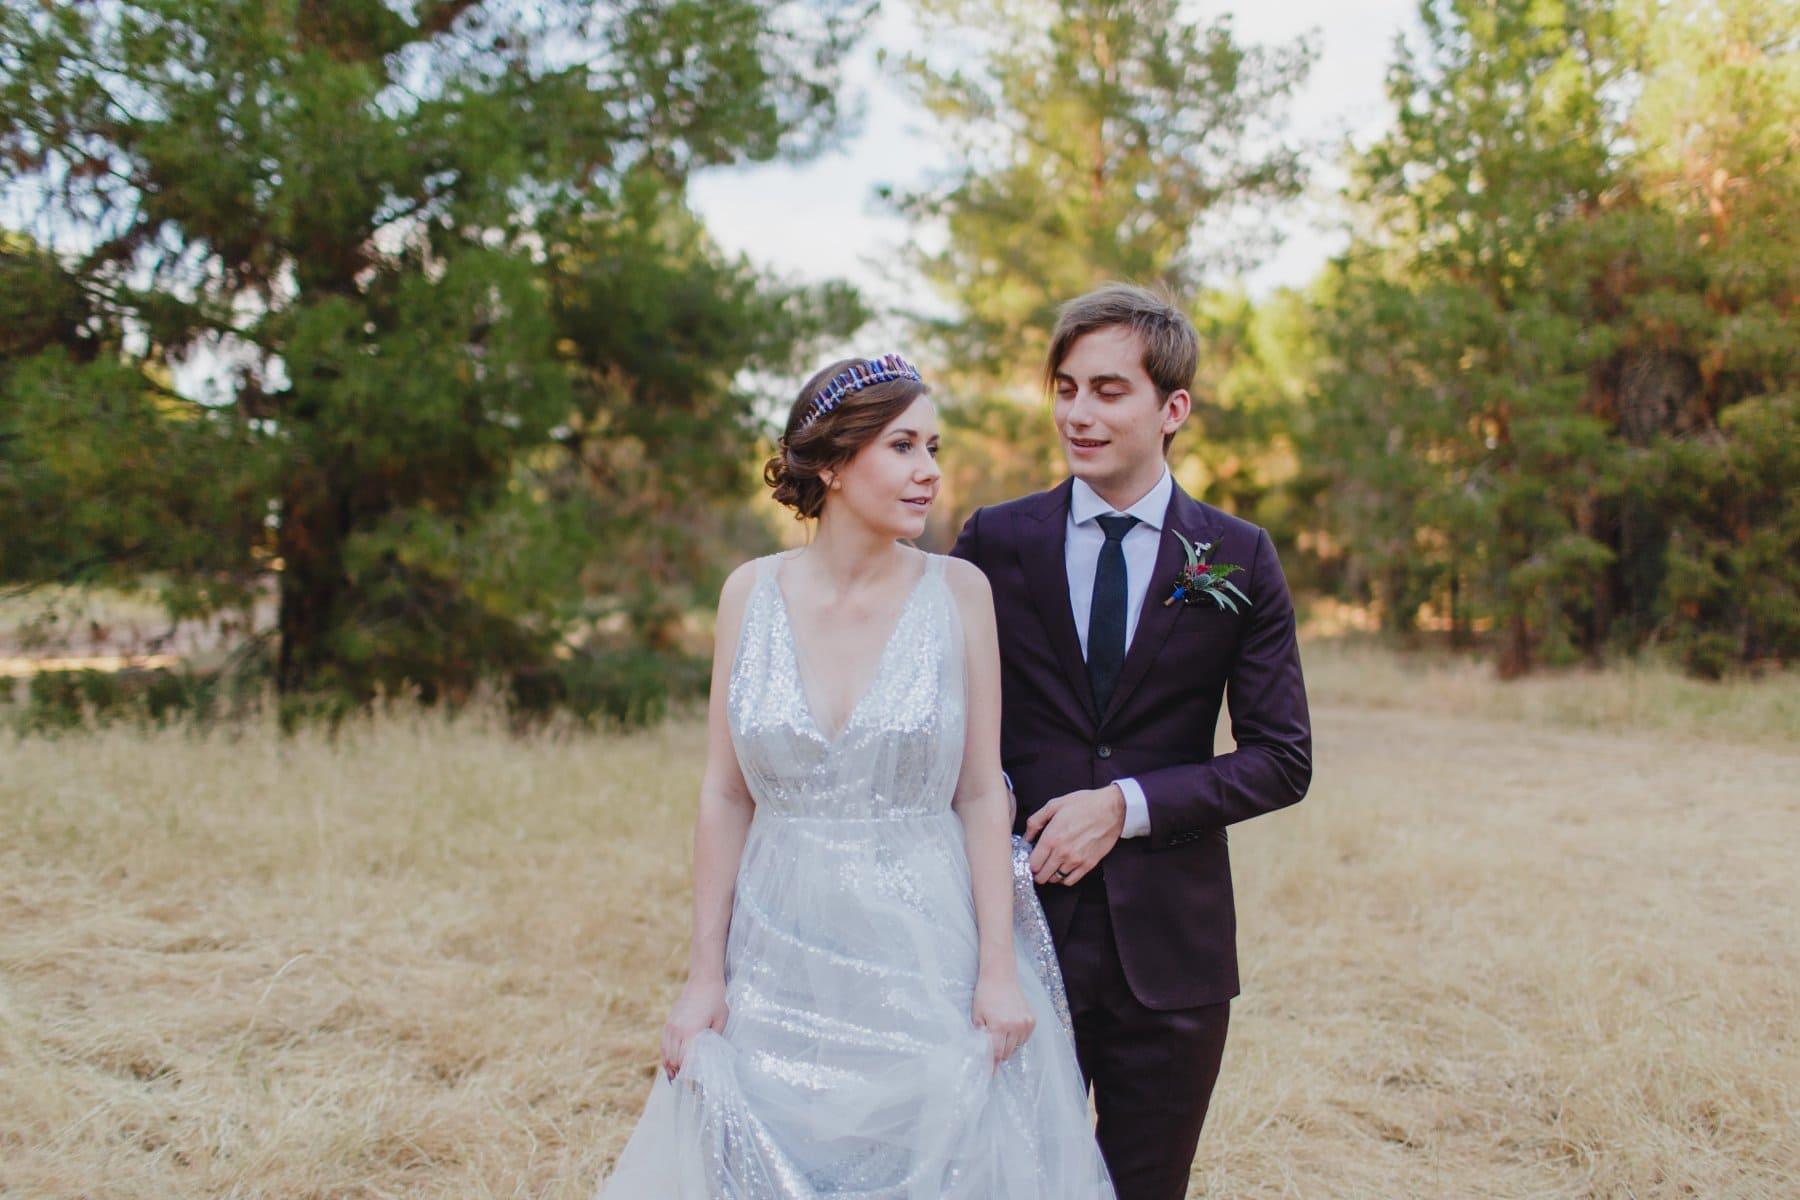 Schnepf Farms wedding photos Meadow venue